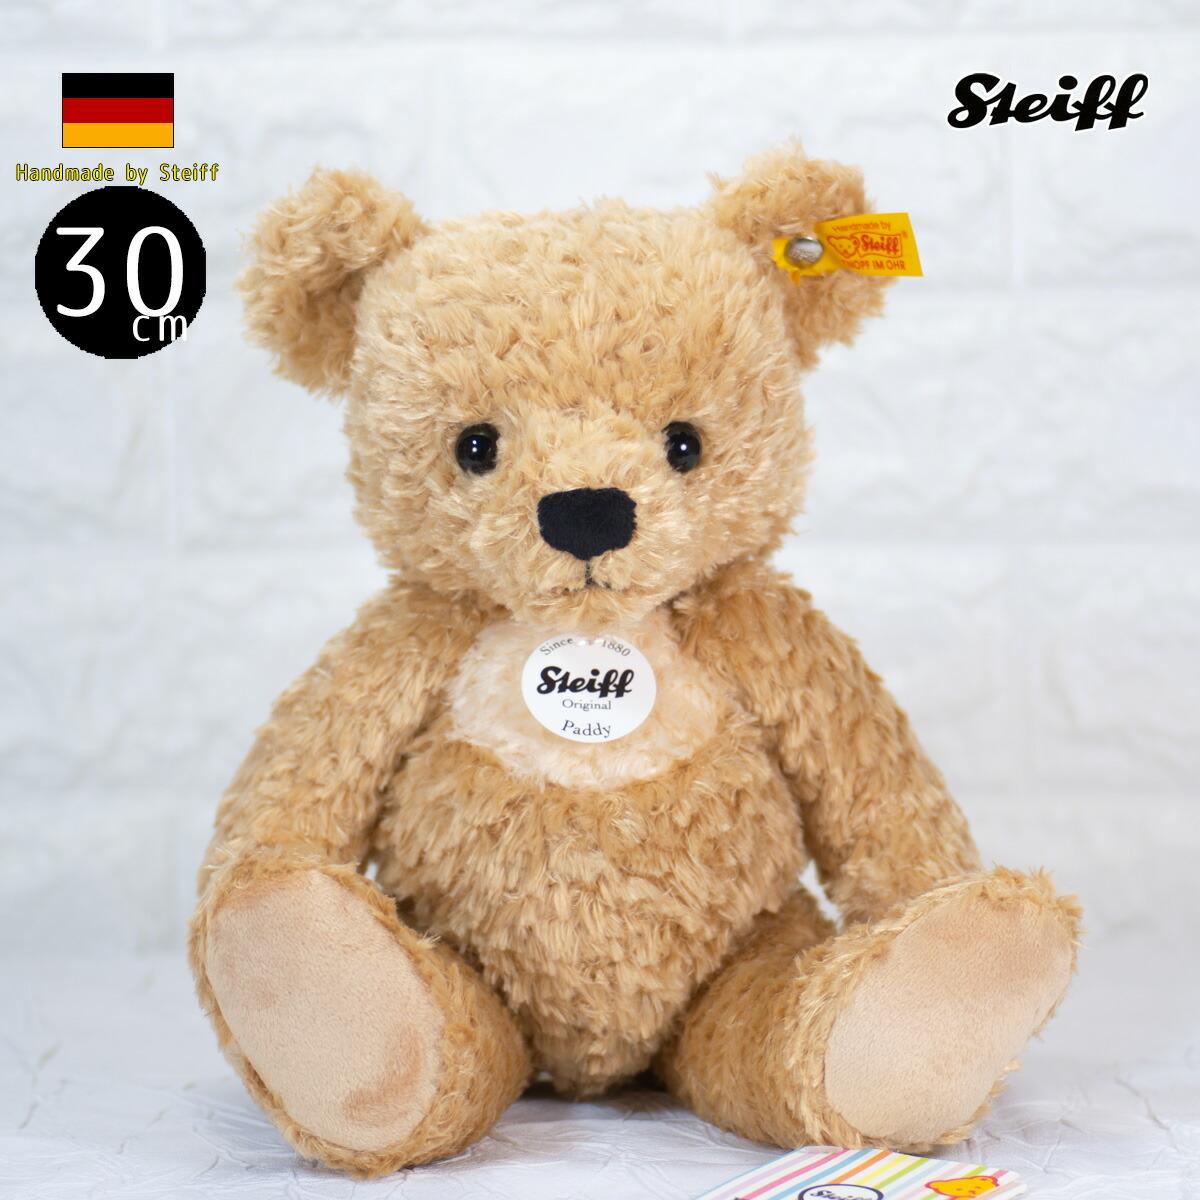 シュタイフ テディベア Steiff テディベア パディ ソフトタイプ テディベア 30cm steiff テディベア PADDY TEDDY BEAR